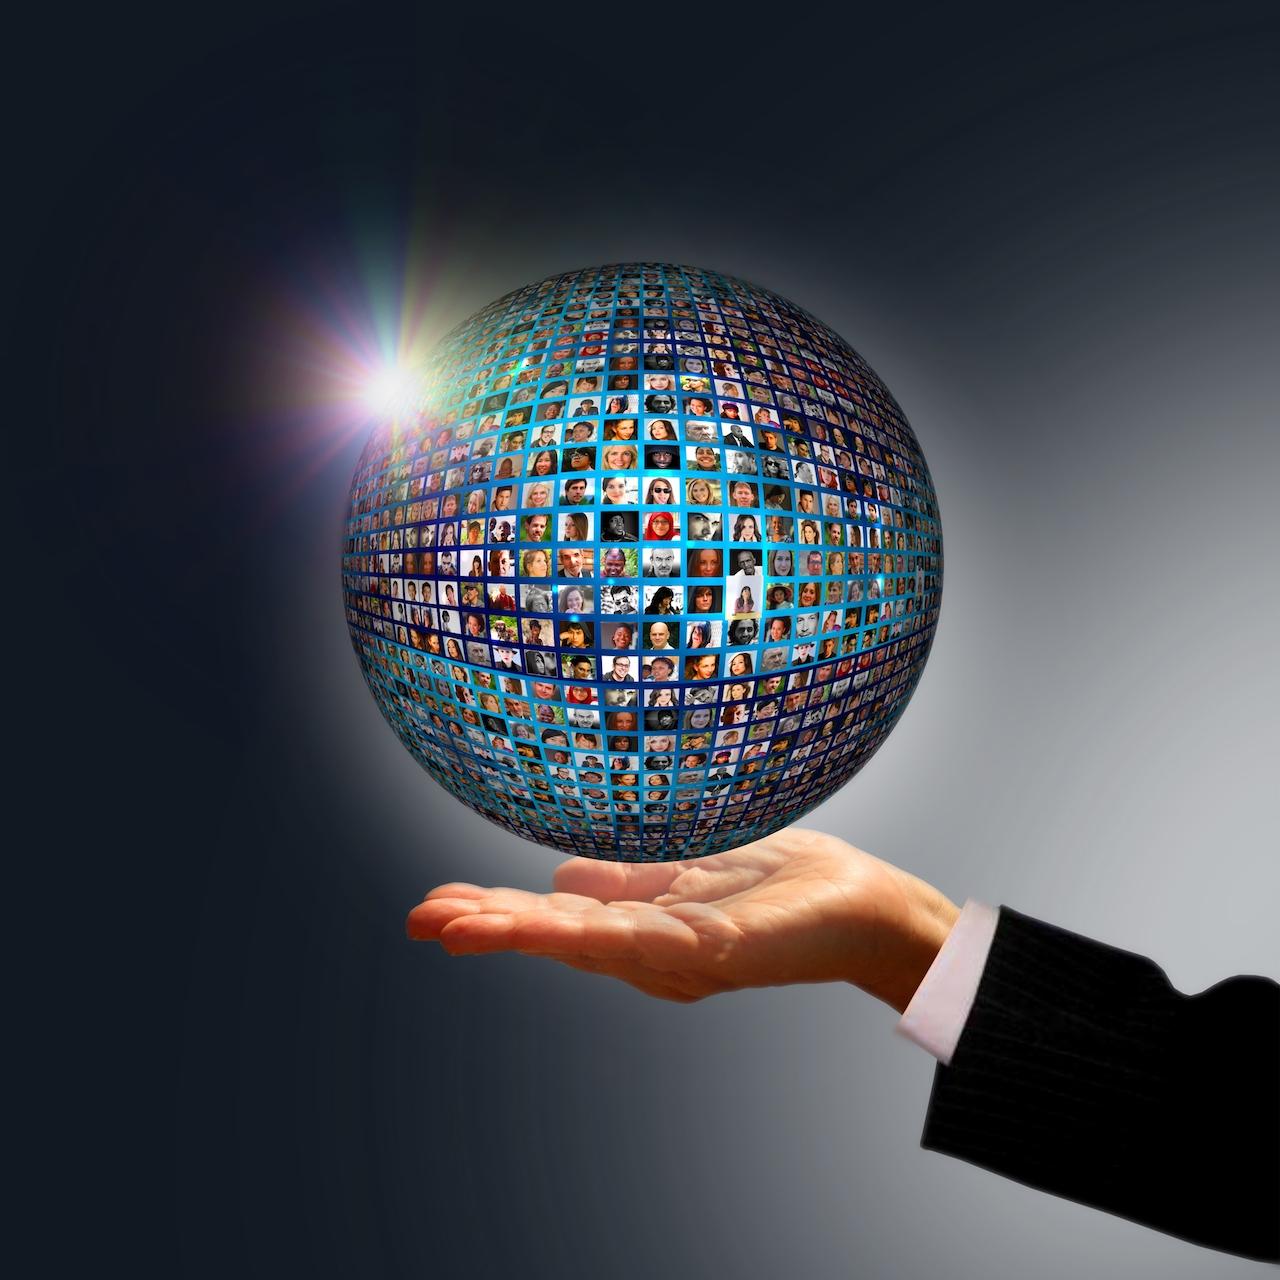 Un homme tient une sphère faite d'écrans et de visages